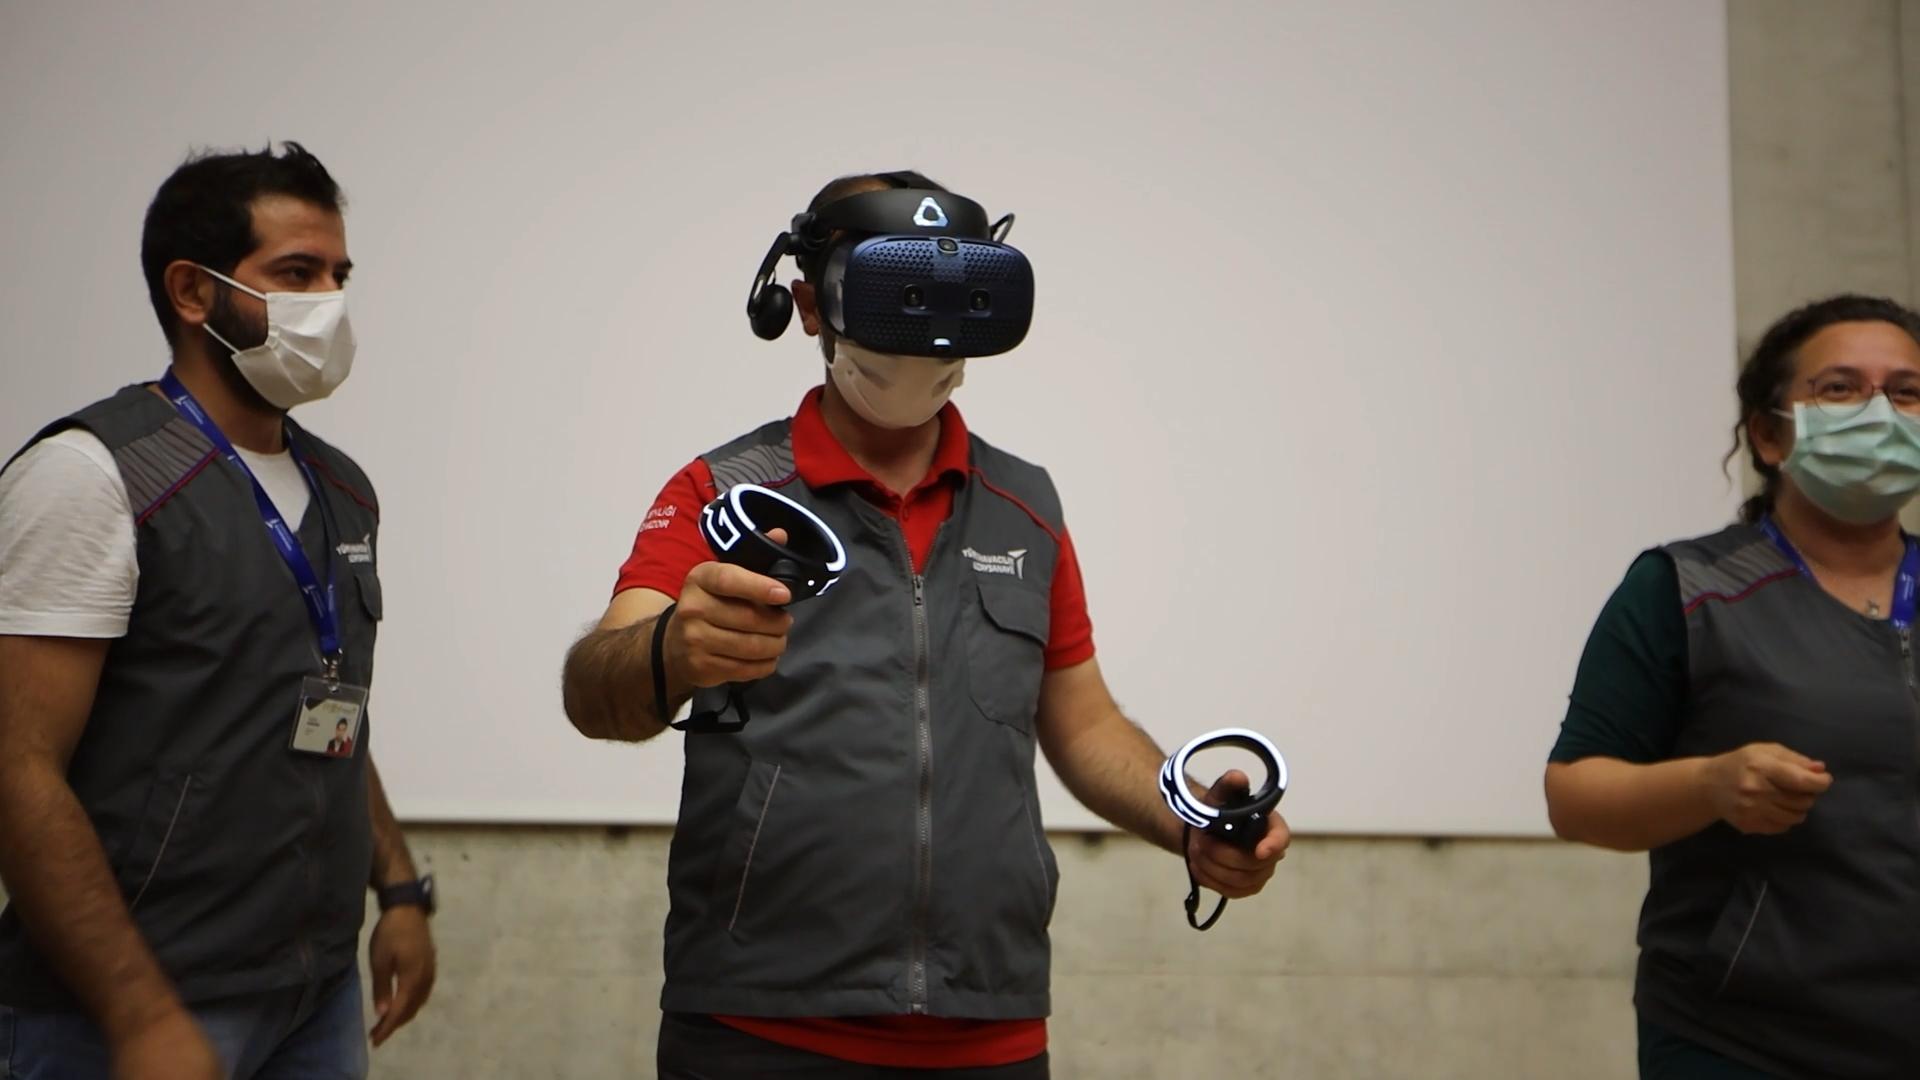 TUSAŞ'tan Sanal Gerçeklik Eğitimi: VR Tabanli İçerikler İle 5 Bin Teknisyene Üretim Ve Tasarim Eğitimi Veriliyor